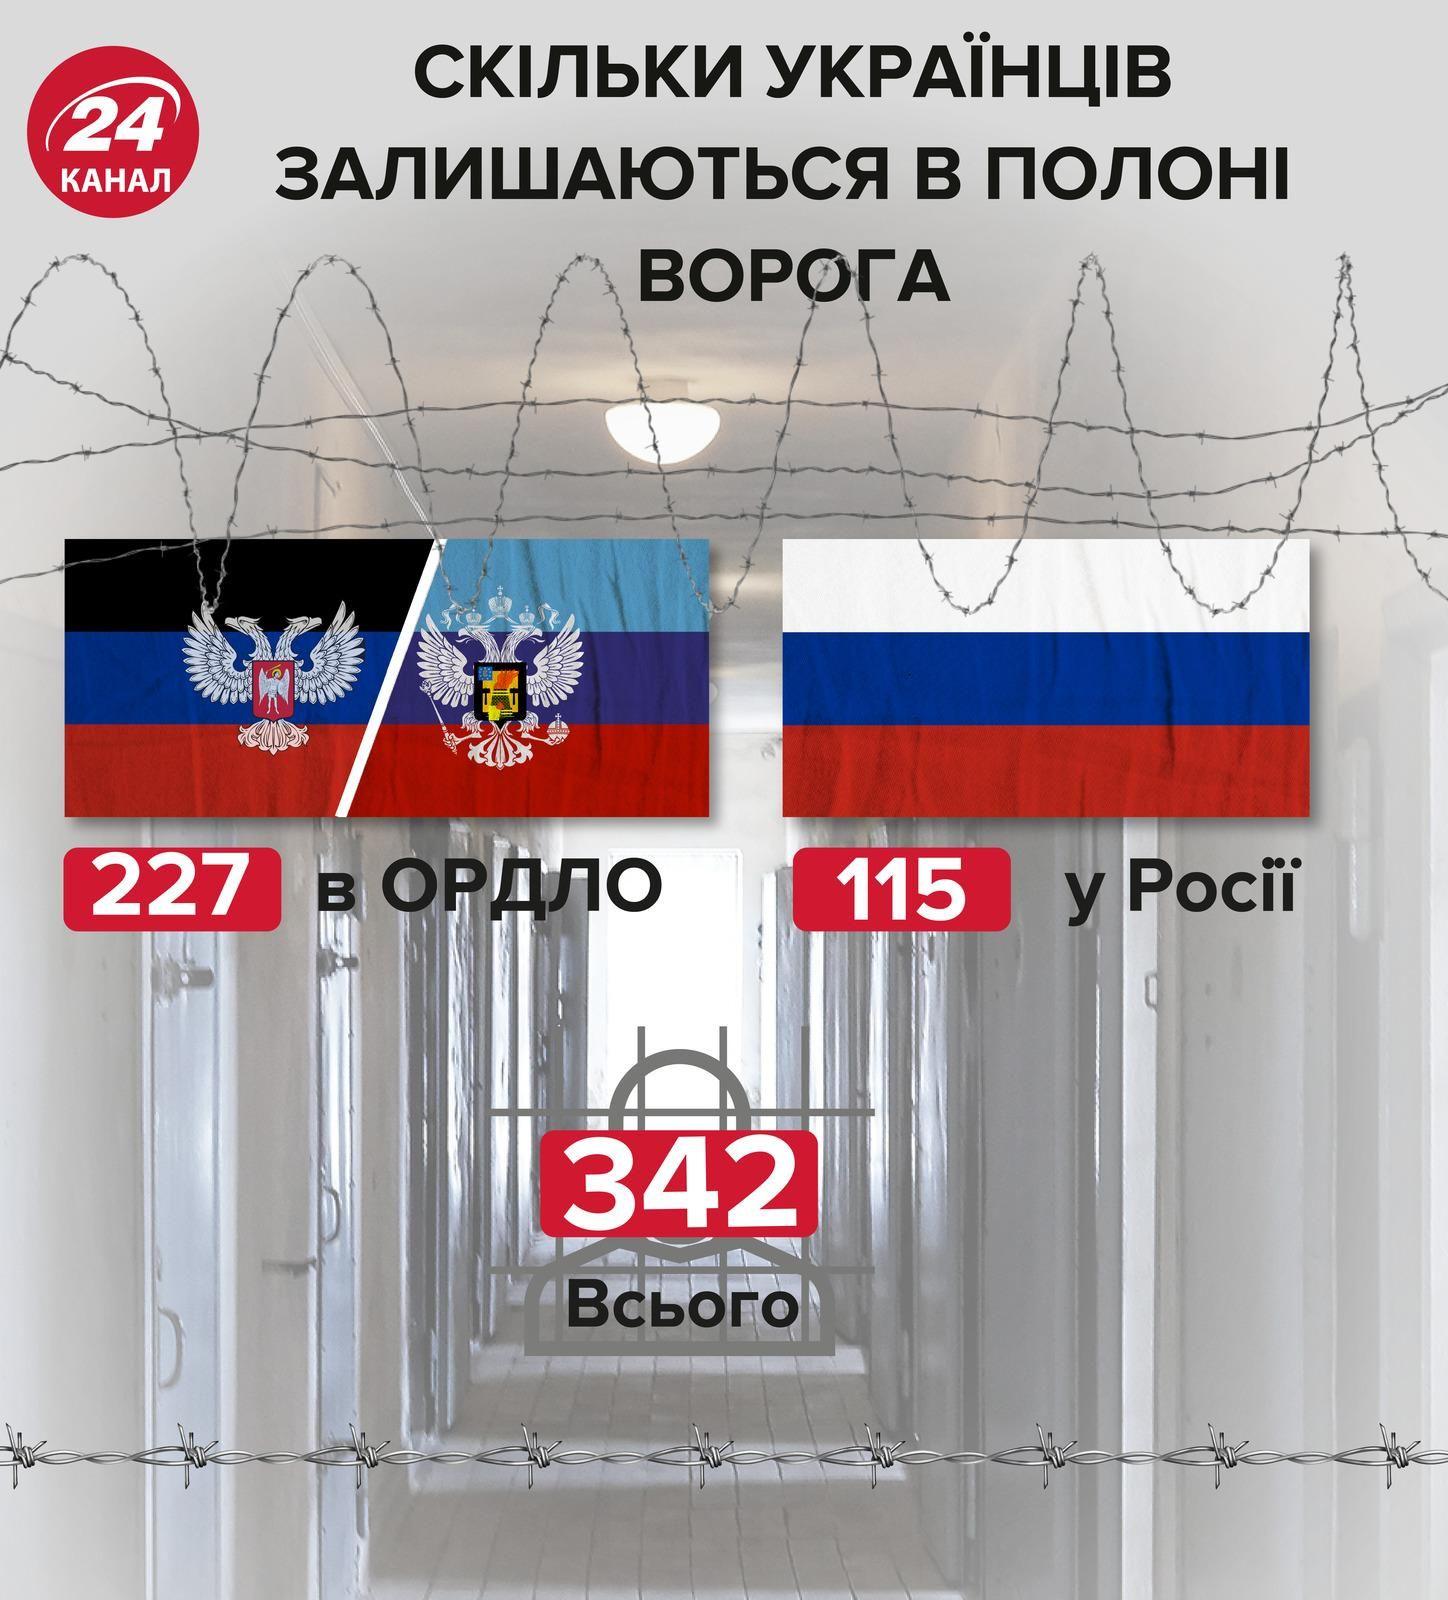 обмін полоненими скільки полонених Донбас Крим Росія